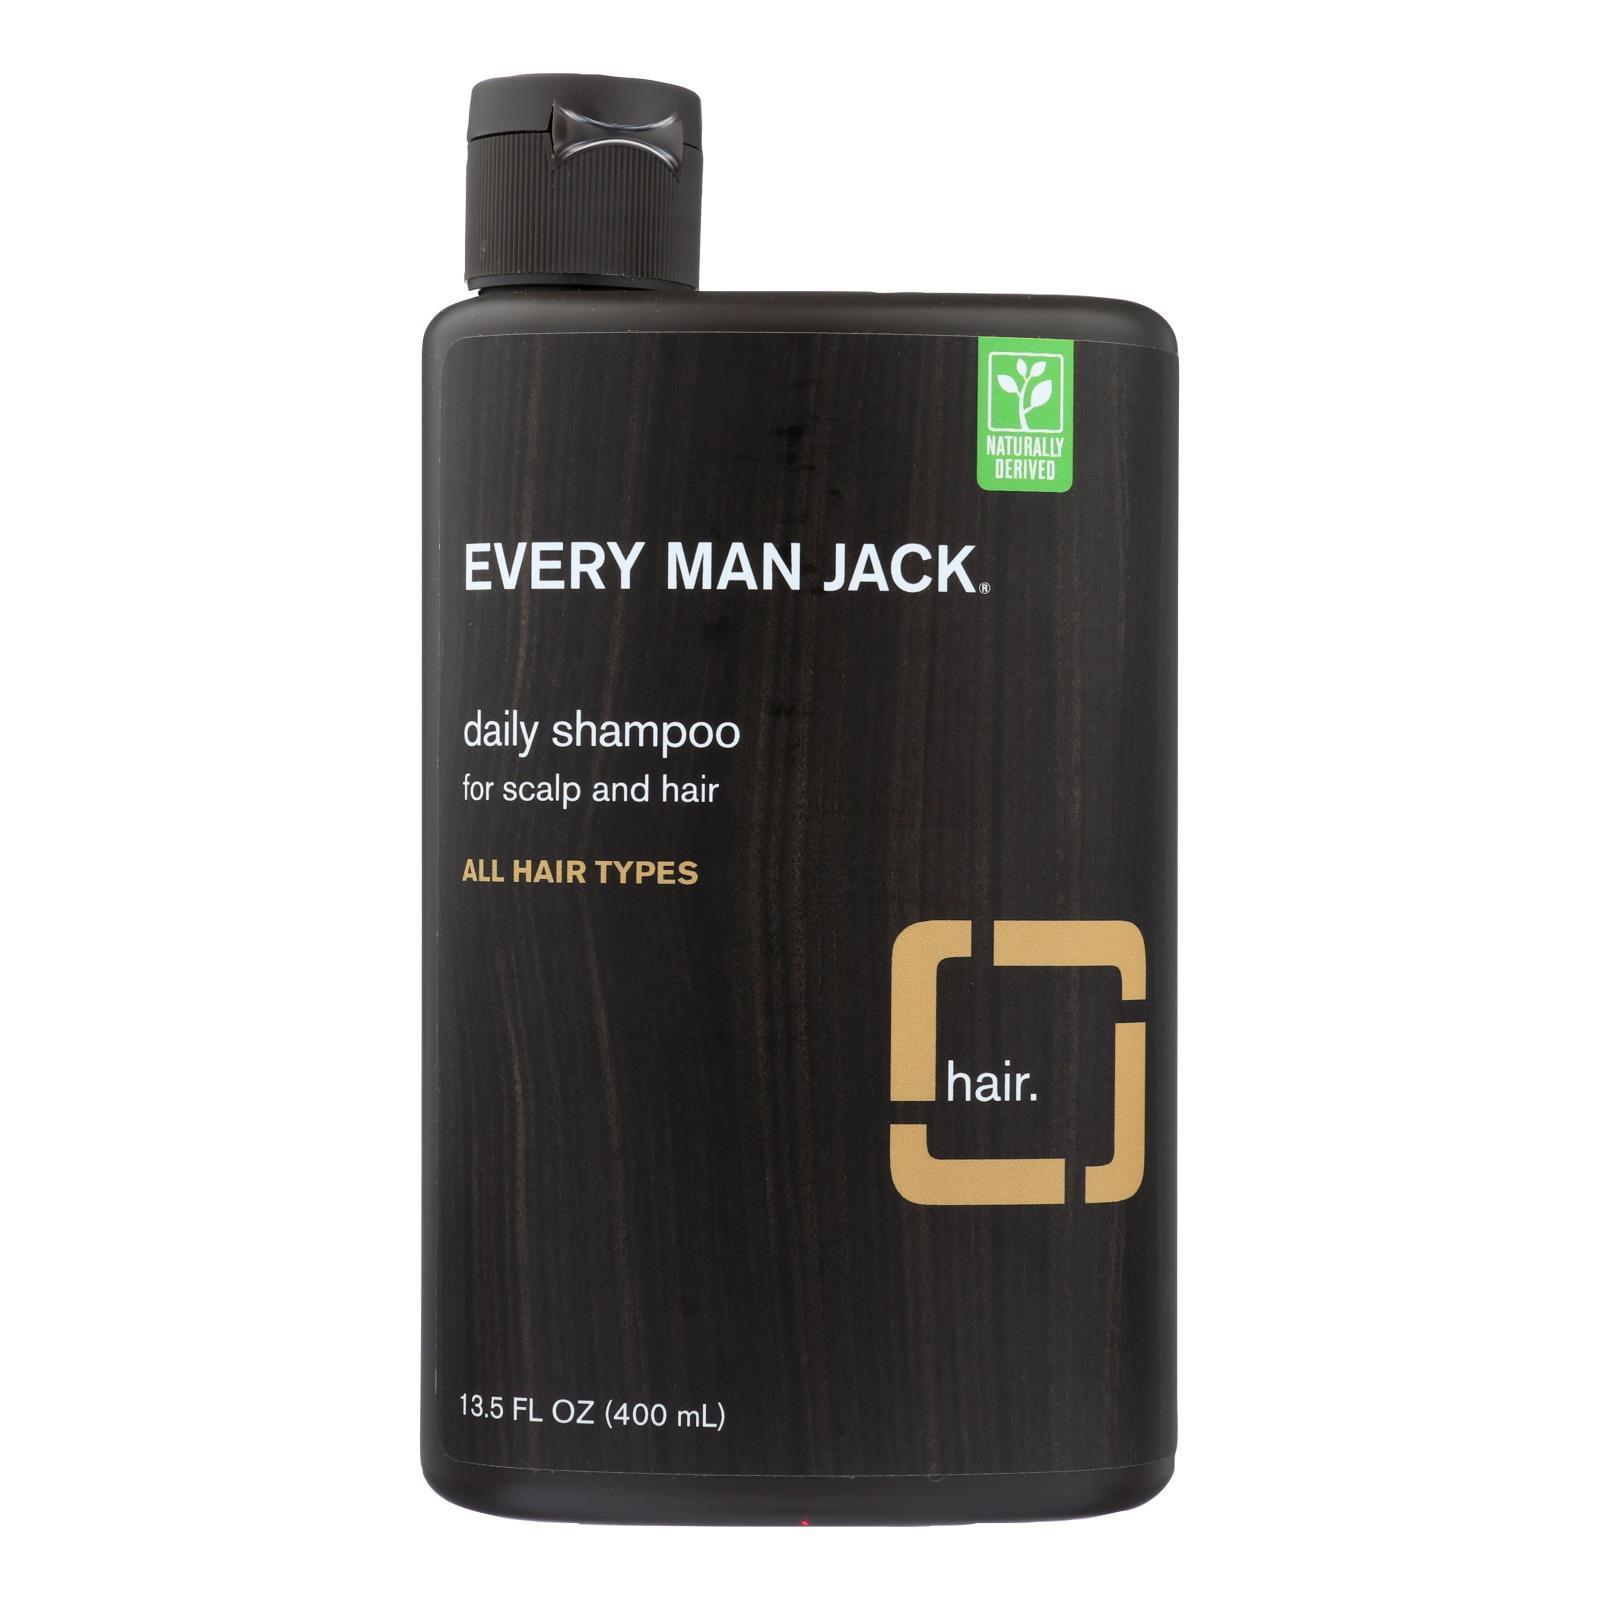 Every Man Jack Daily Shampoo - Scalp and Hair - All Hair Types - Sandalwood - 13.5 oz